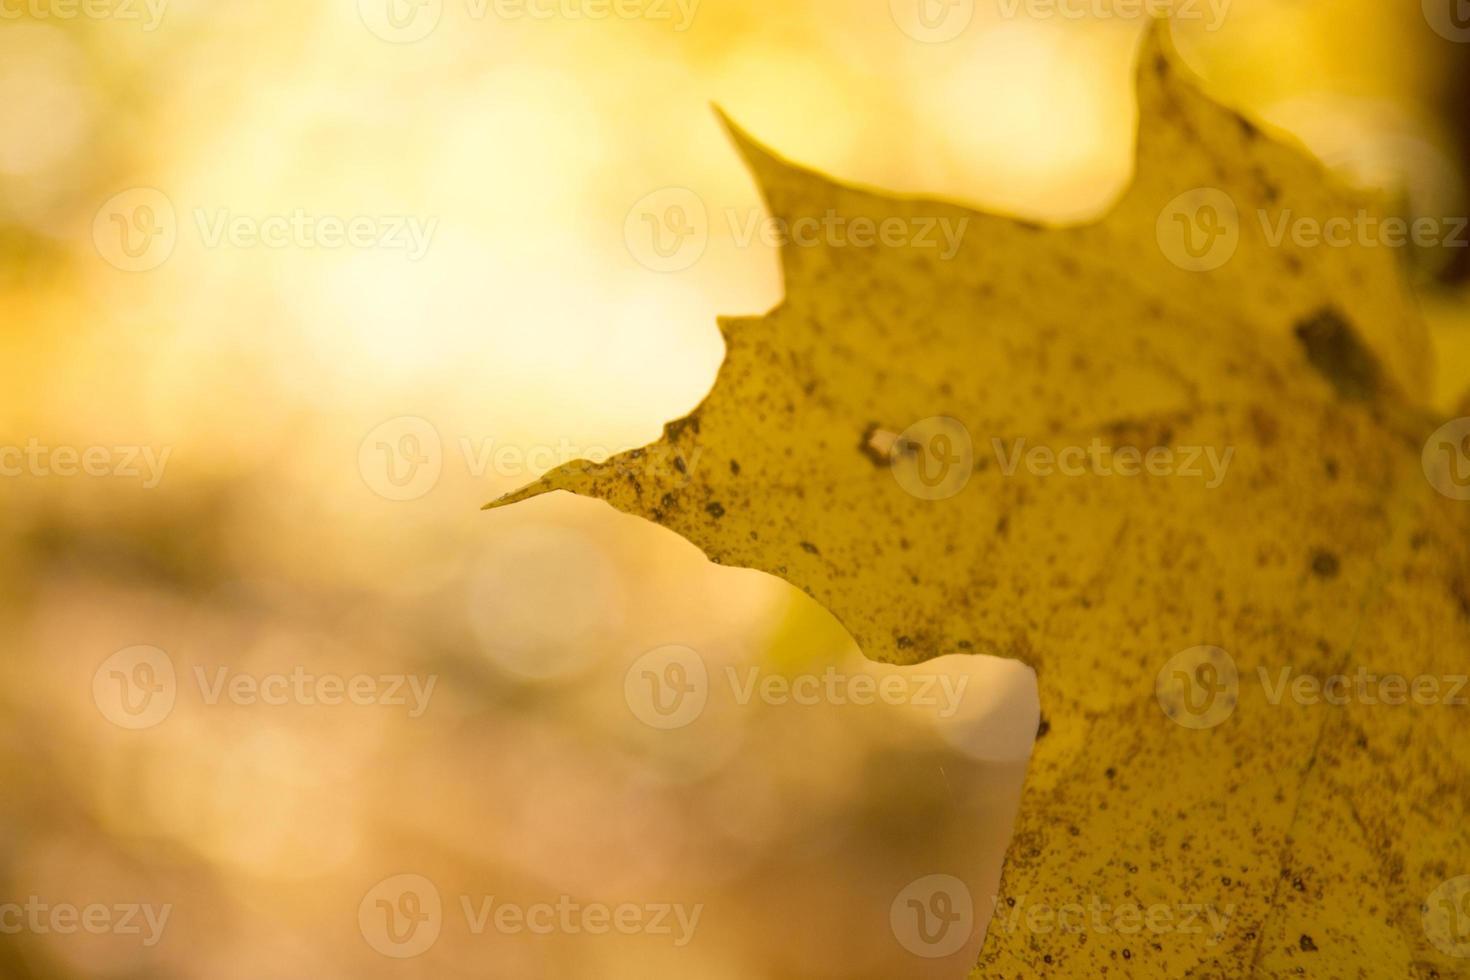 bakljus gult blad foto